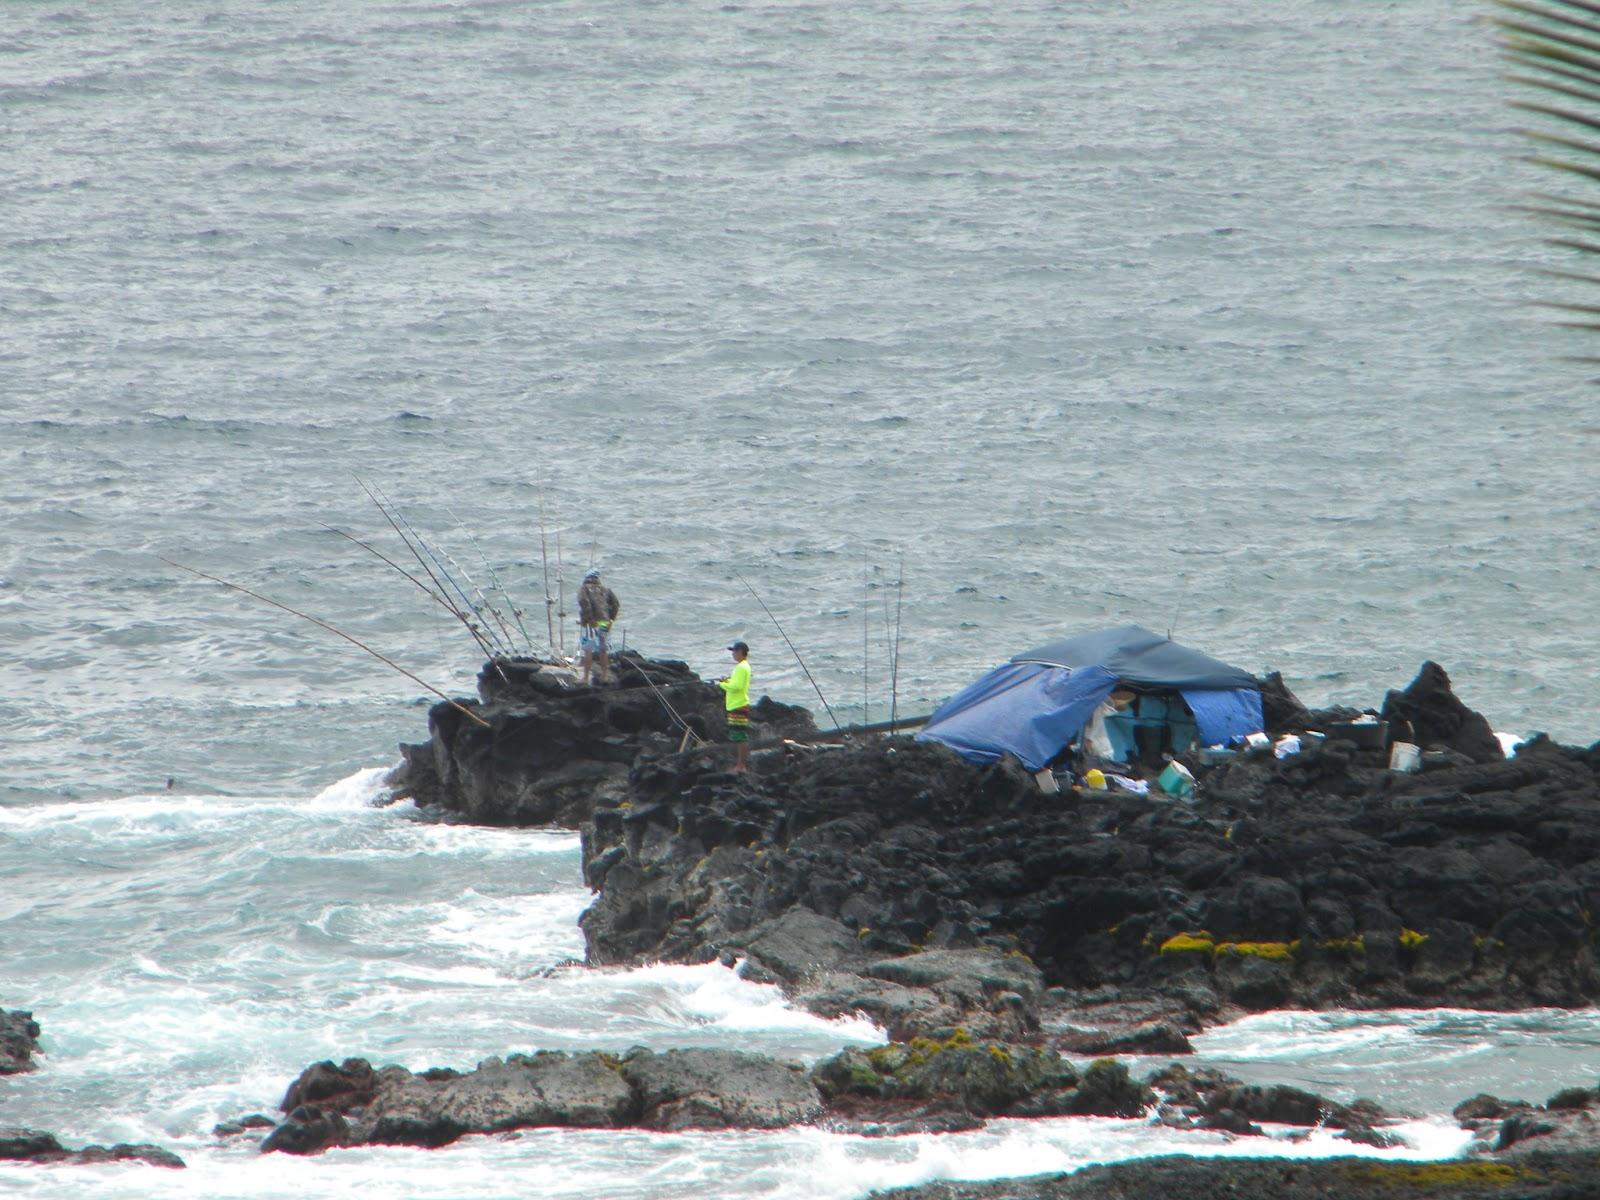 All hawaii news august 2013 for Fishing big island hawaii